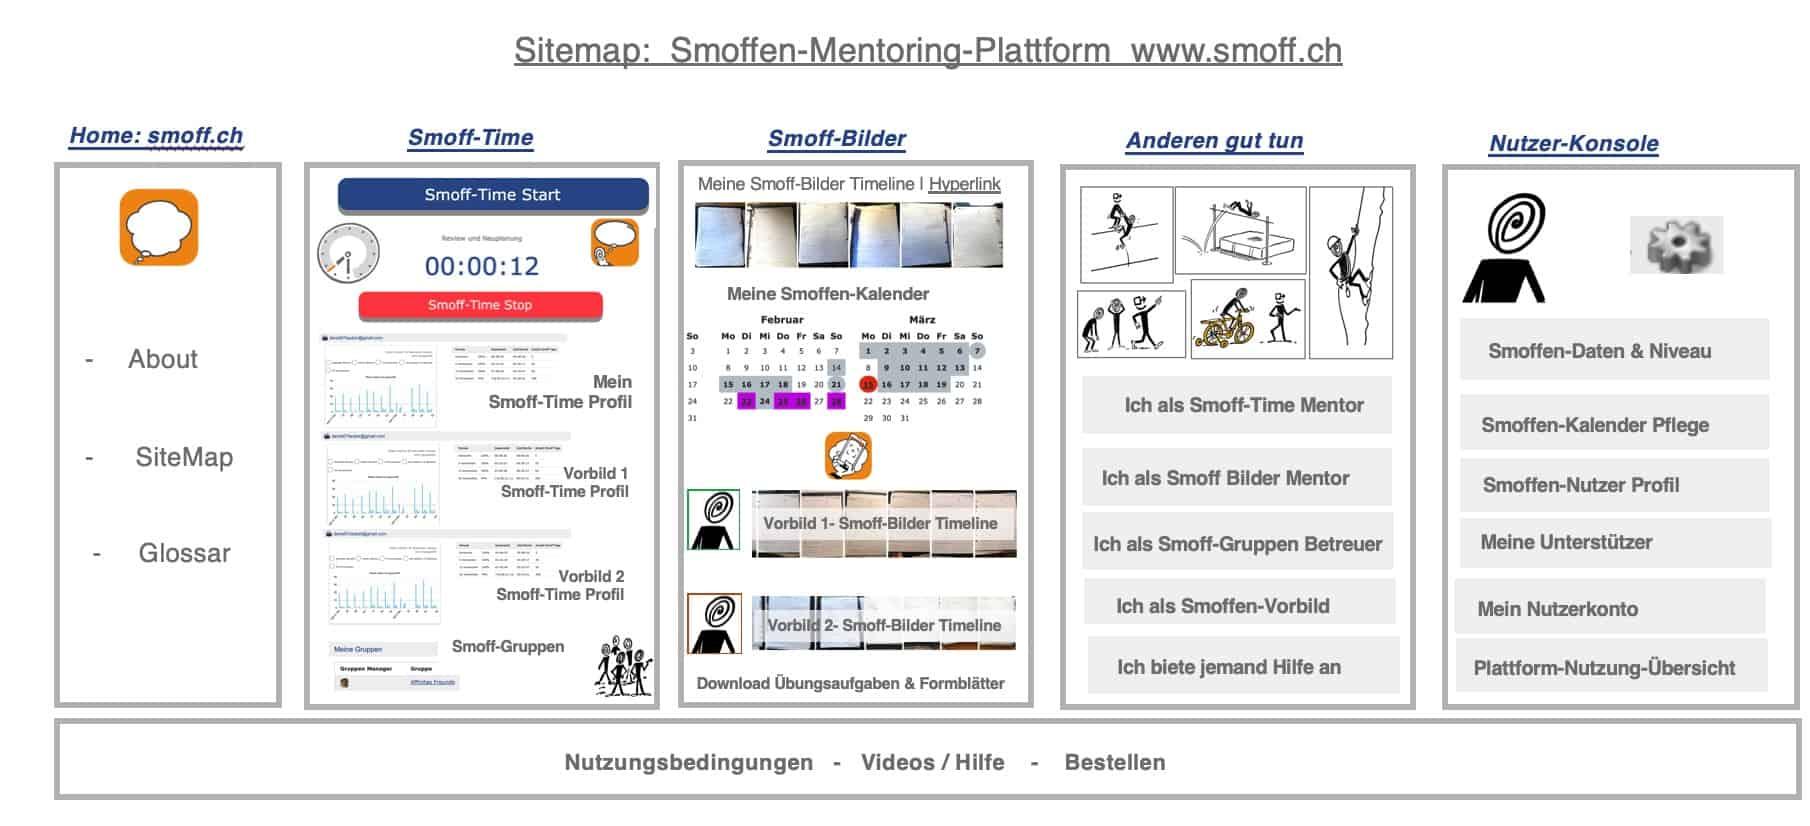 Sitemap der Smoffen-Mentoring Plattform